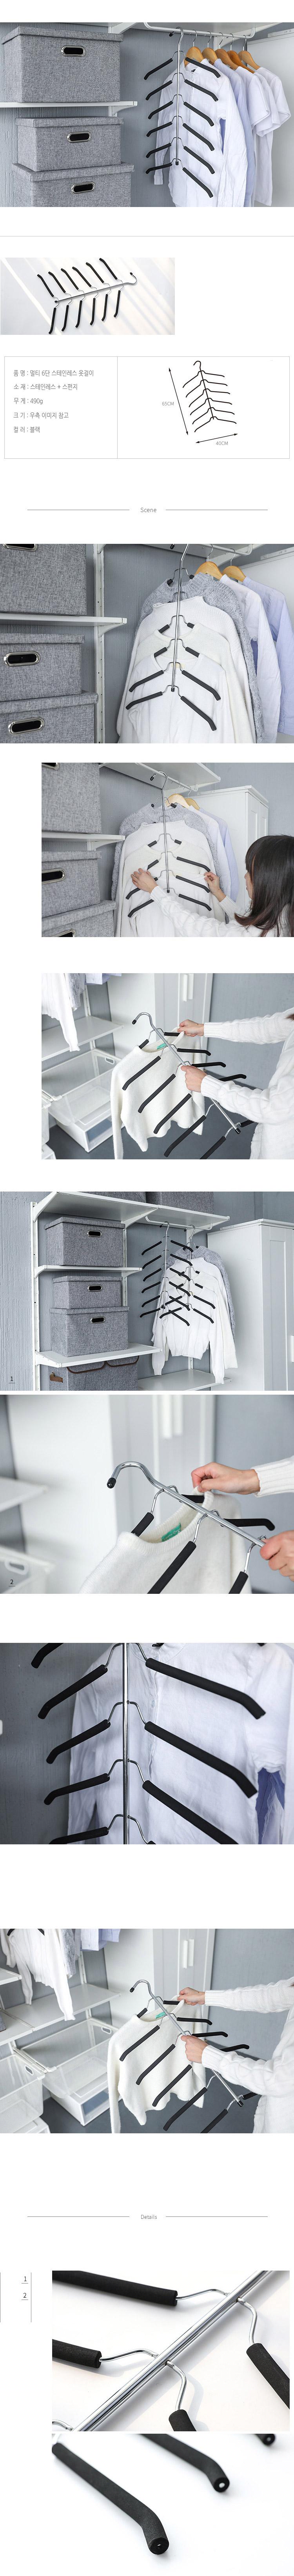 멀티 6단 스테인레스 옷걸이 - 연호디자인, 9,600원, 행거/드레스룸/옷걸이, 옷걸이/플라스틱